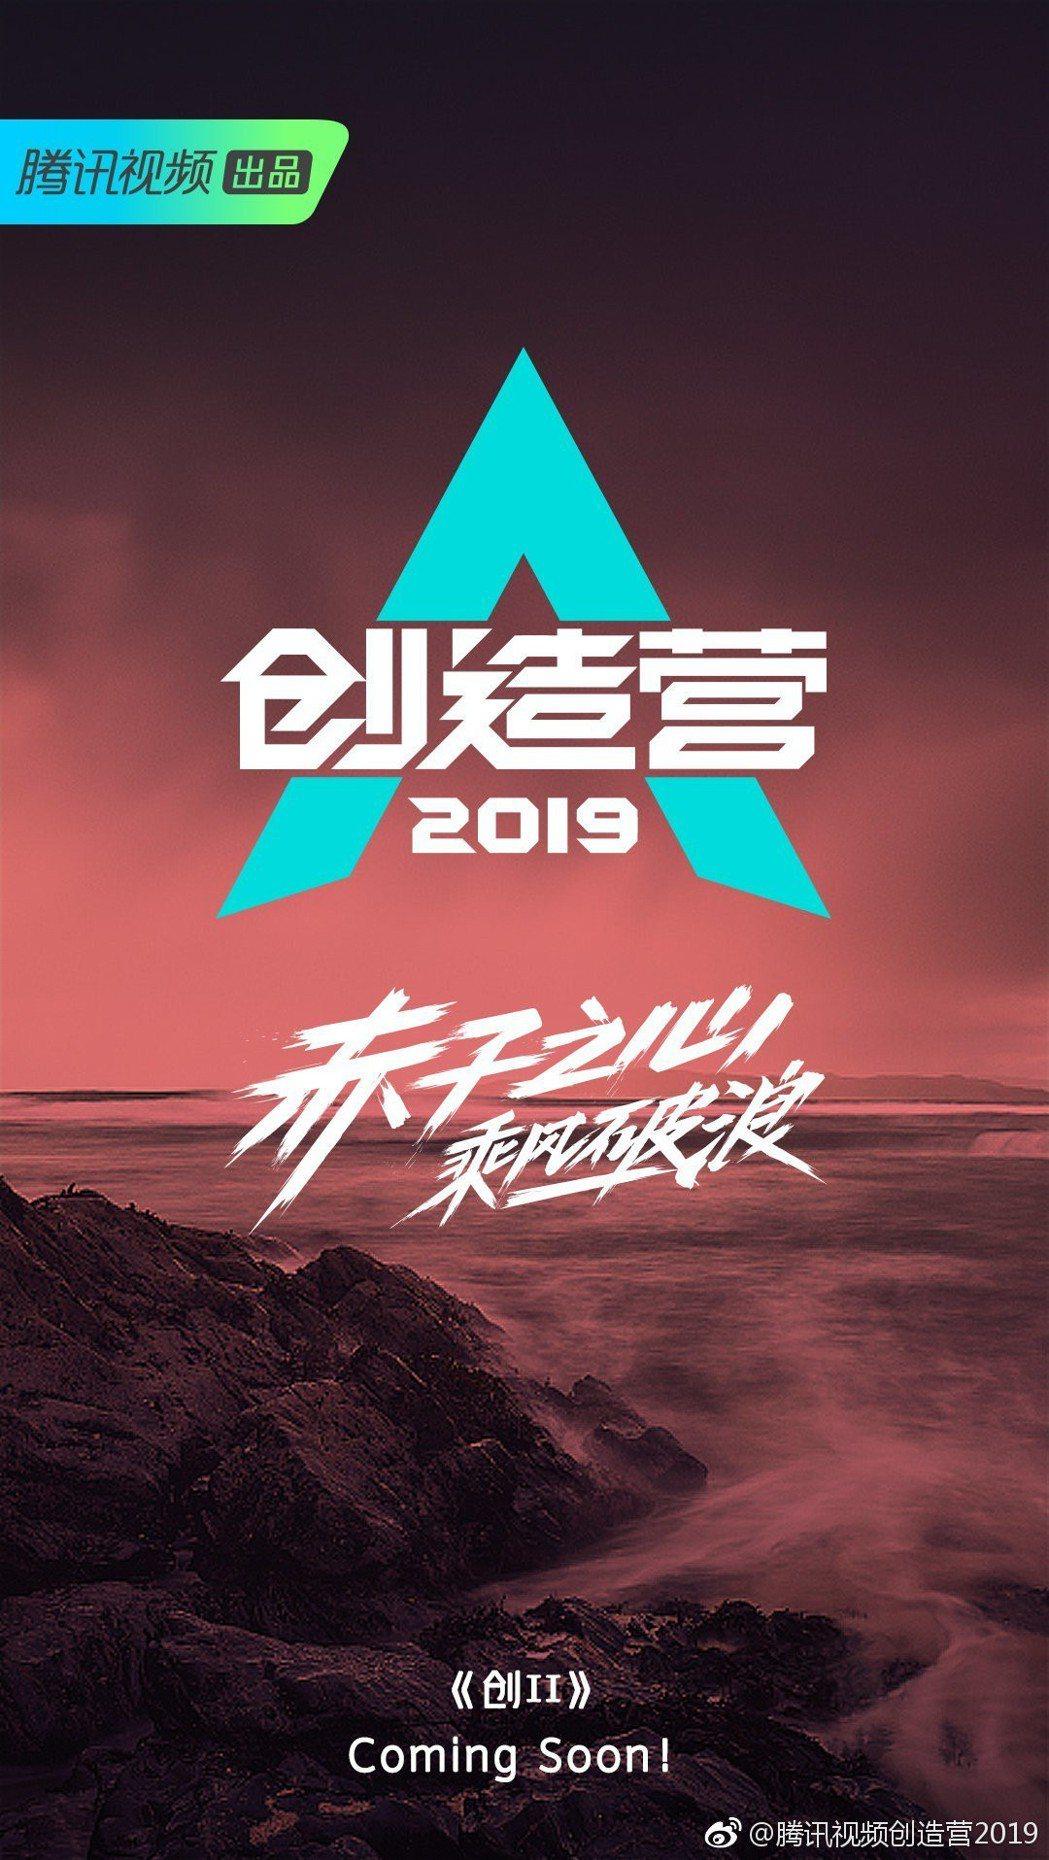 創造101第二季名稱為「創造營2019」。圖/擷自微博